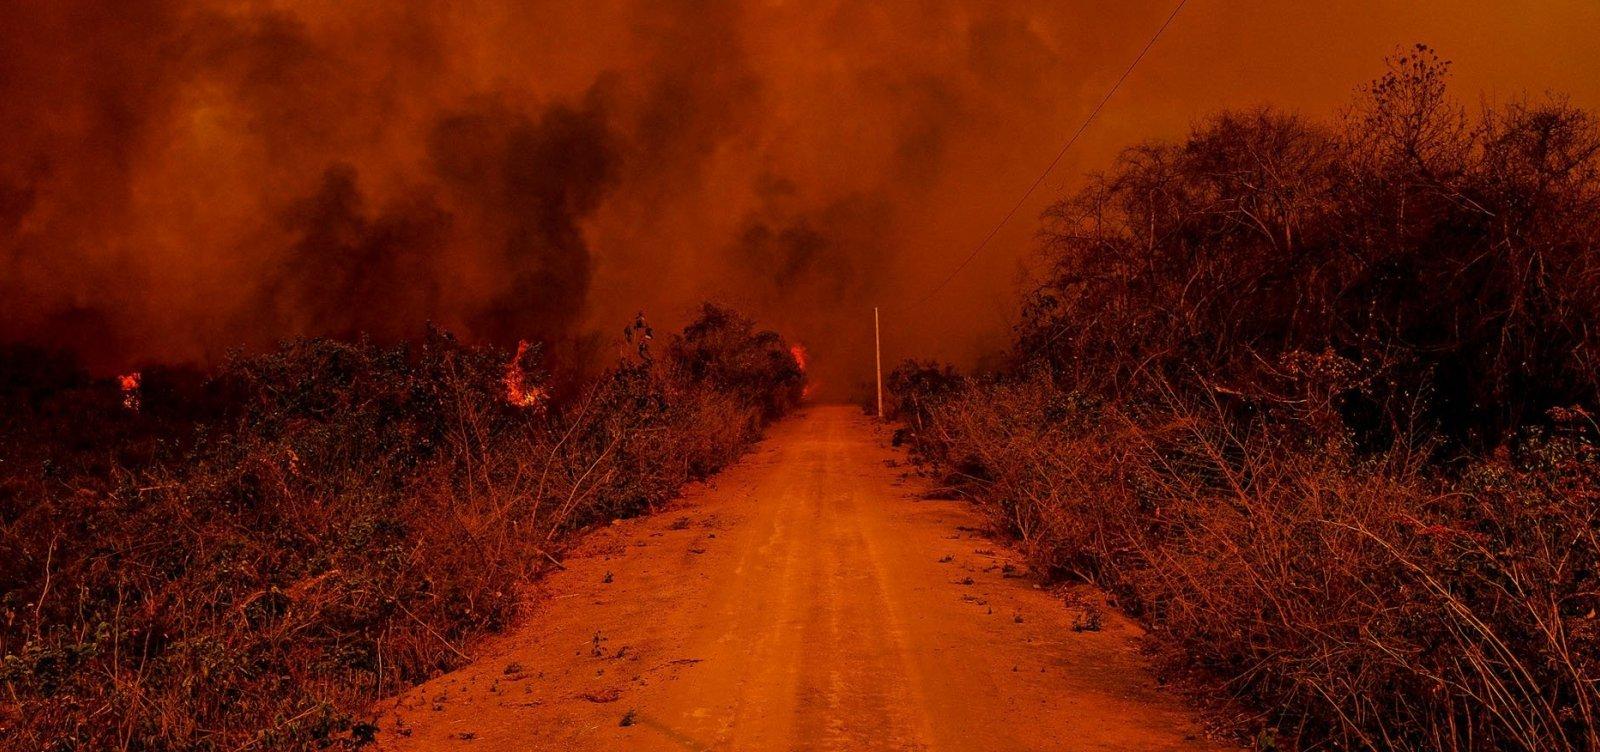 [Governo federal reconhece situação de emergência em MS devido aos incêndios no Pantanal]